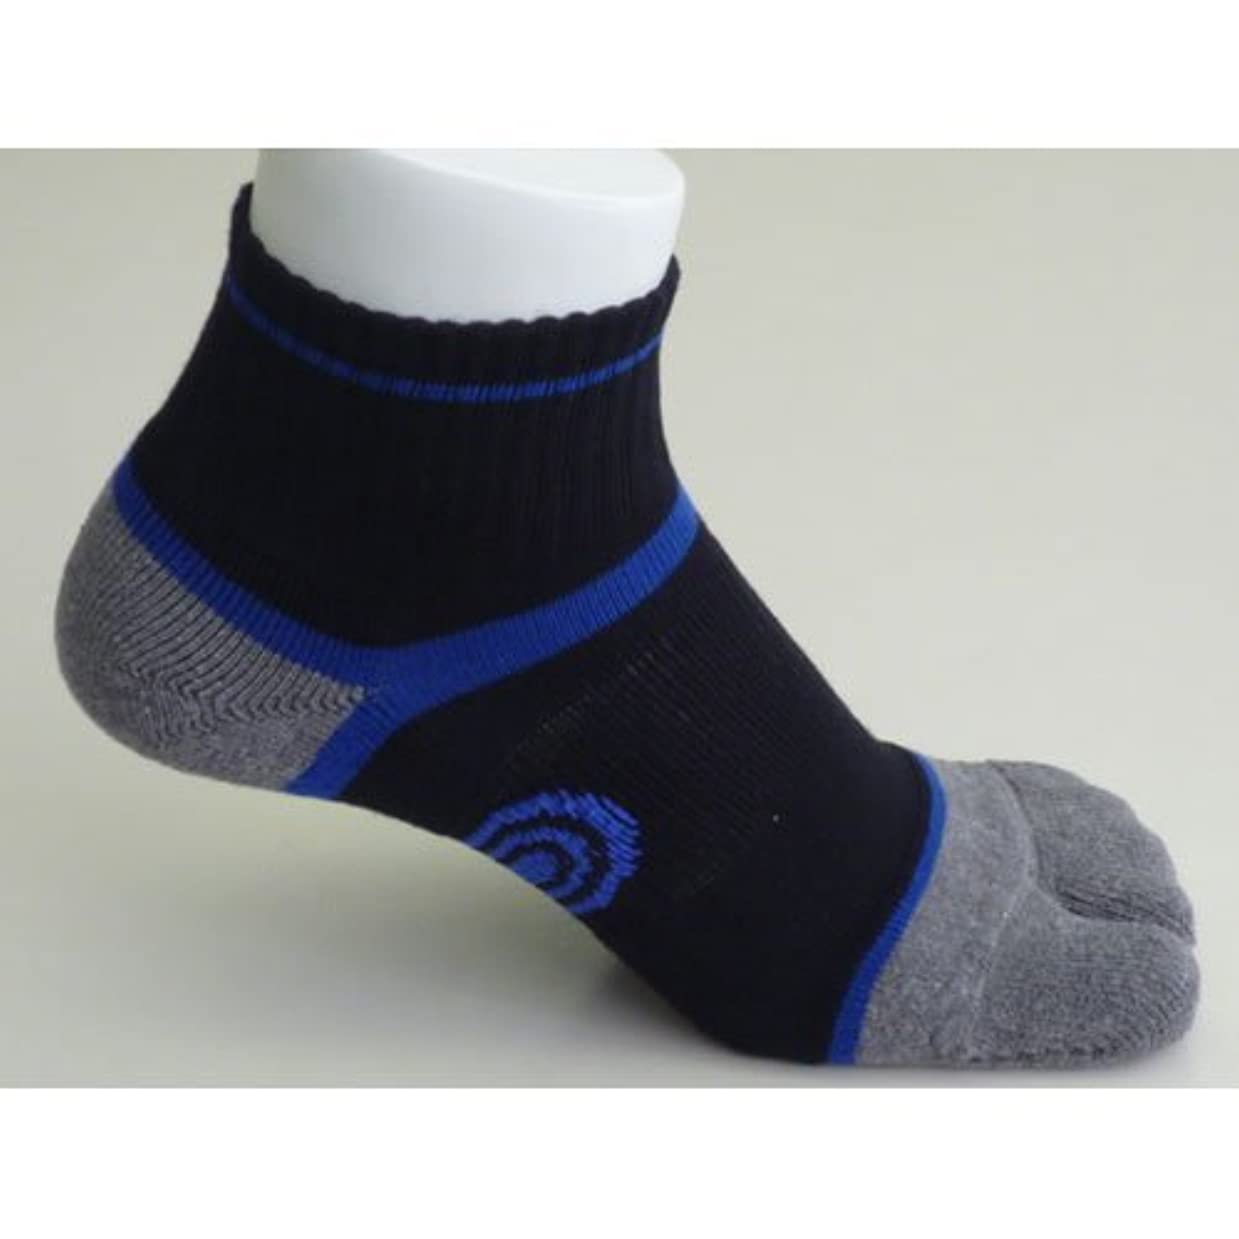 山地下鉄慈善草鞋ソックス M(25-27cm)ブルー 【わらじソックス】【炭の靴下】【足袋型】